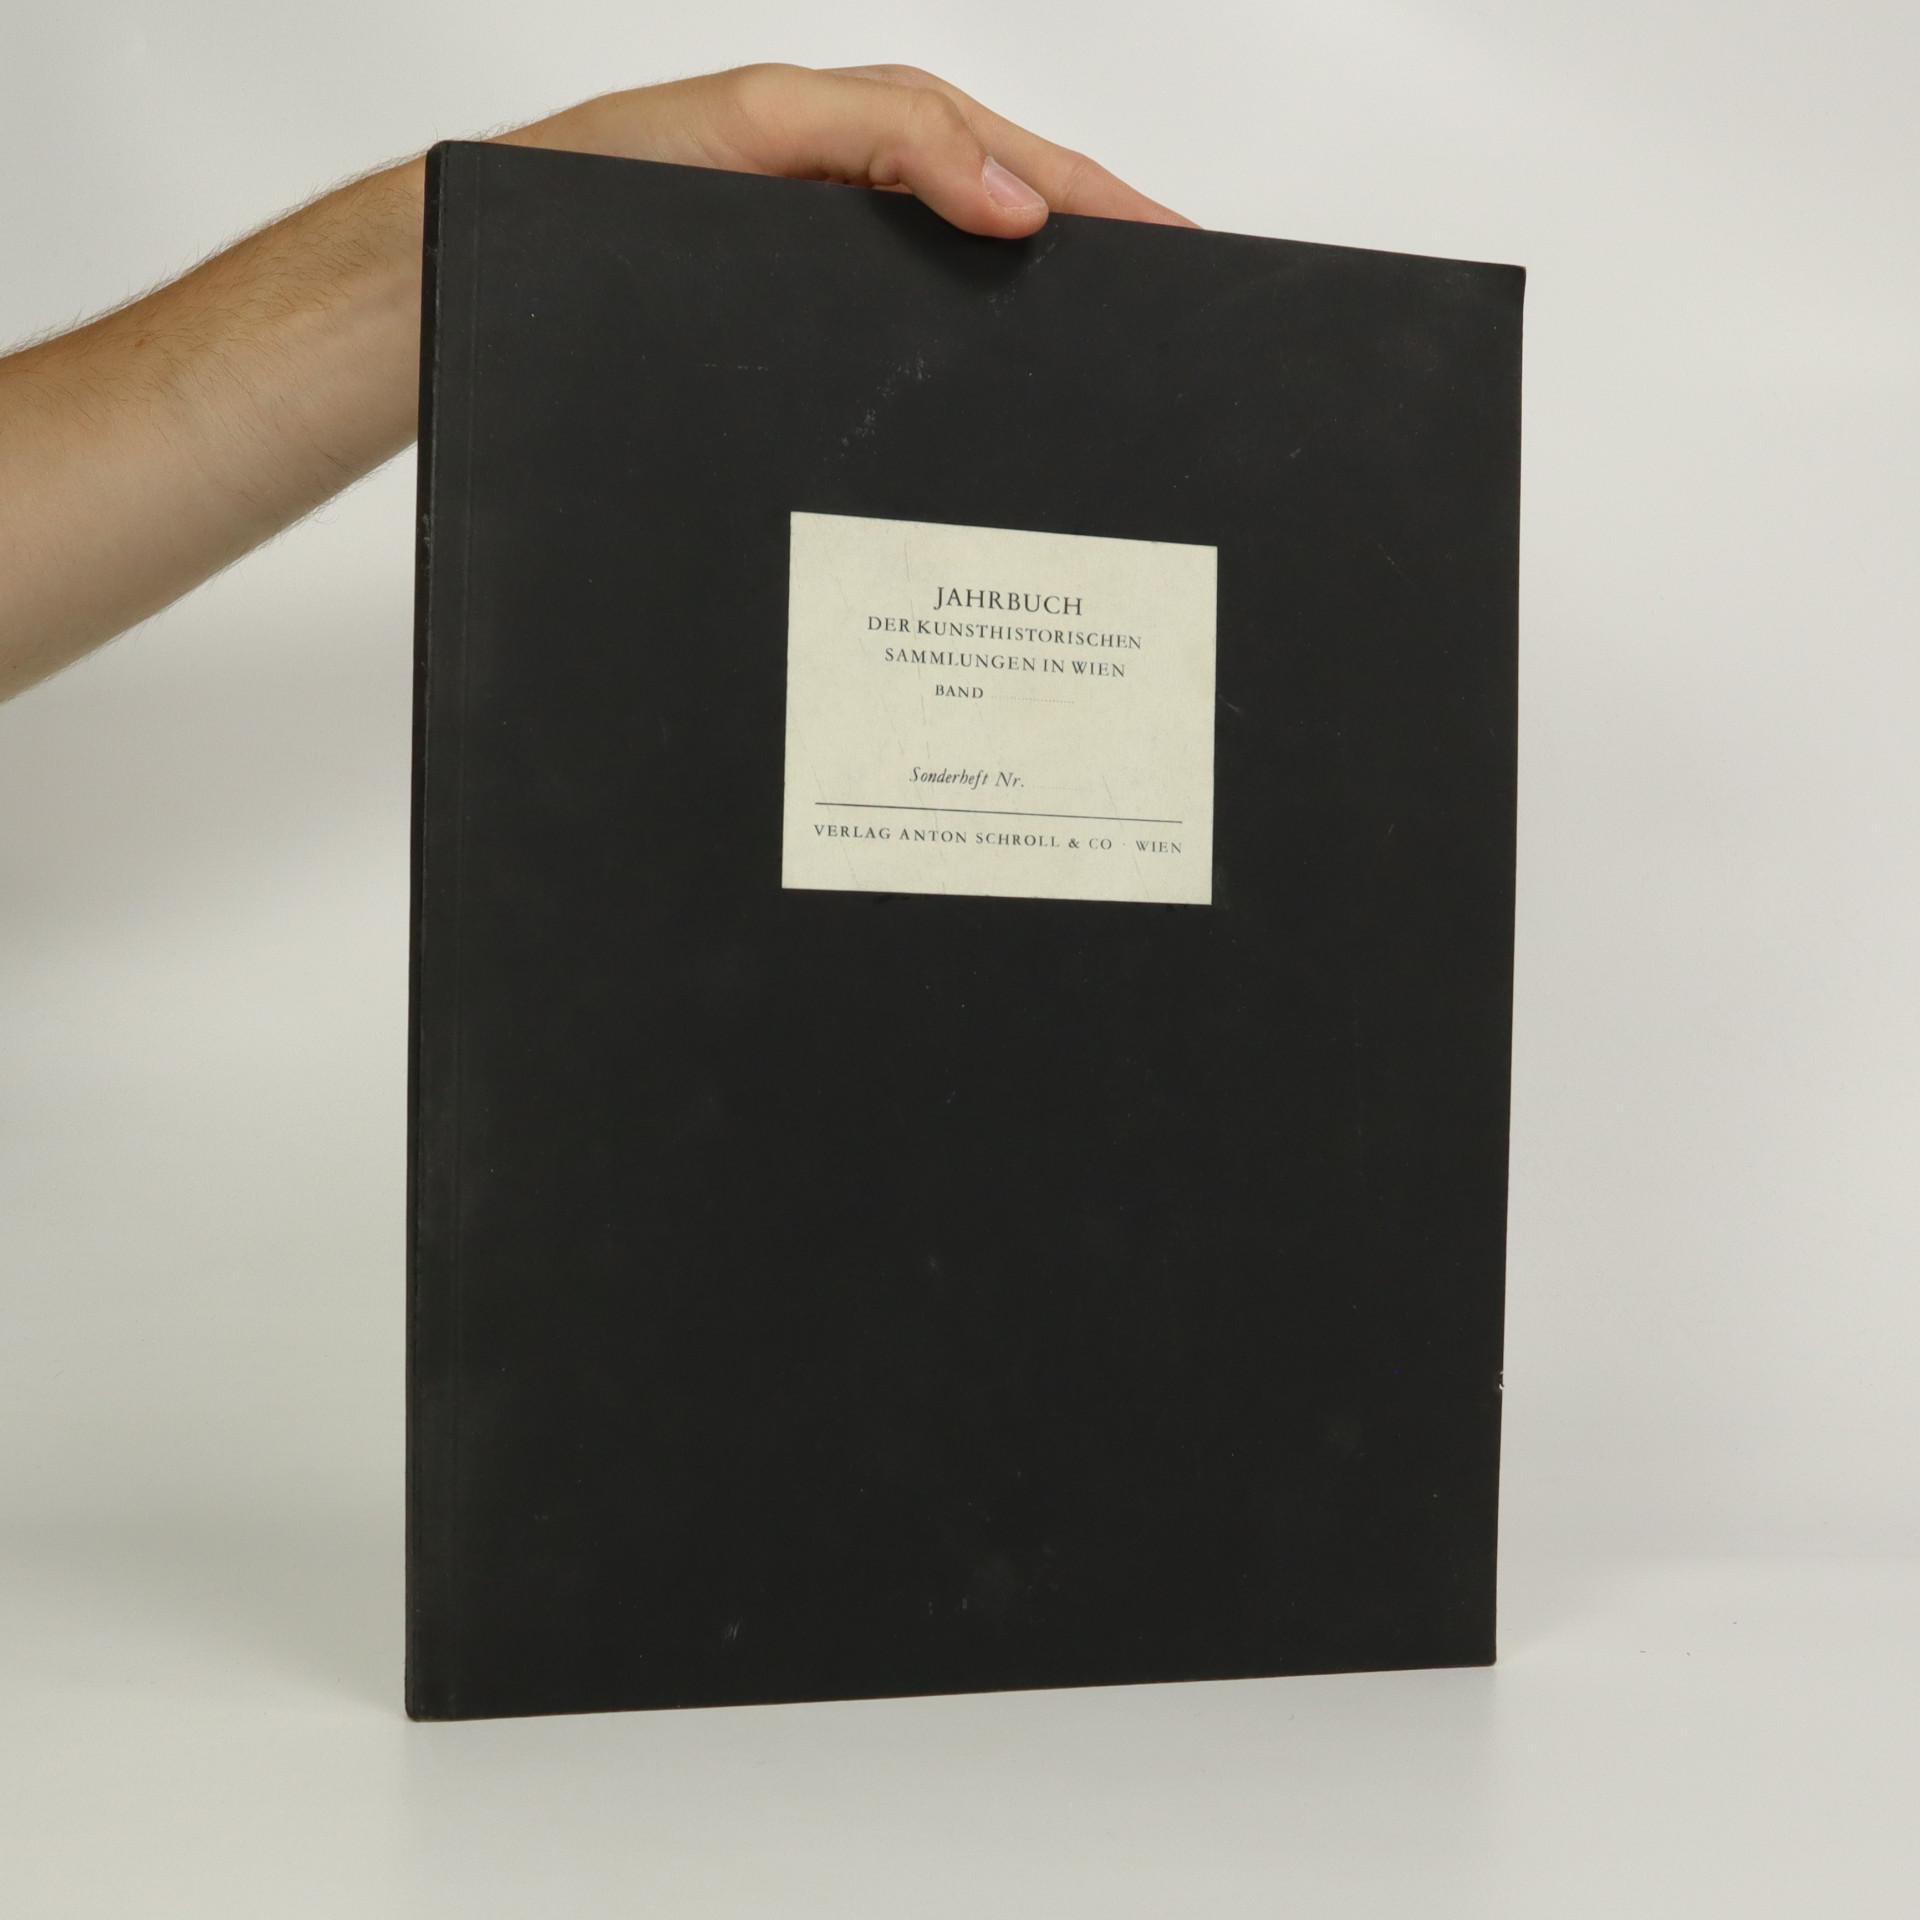 antikvární kniha Jahrbuch der Kunsthistorischen Sammlungen in Wien, neuveden